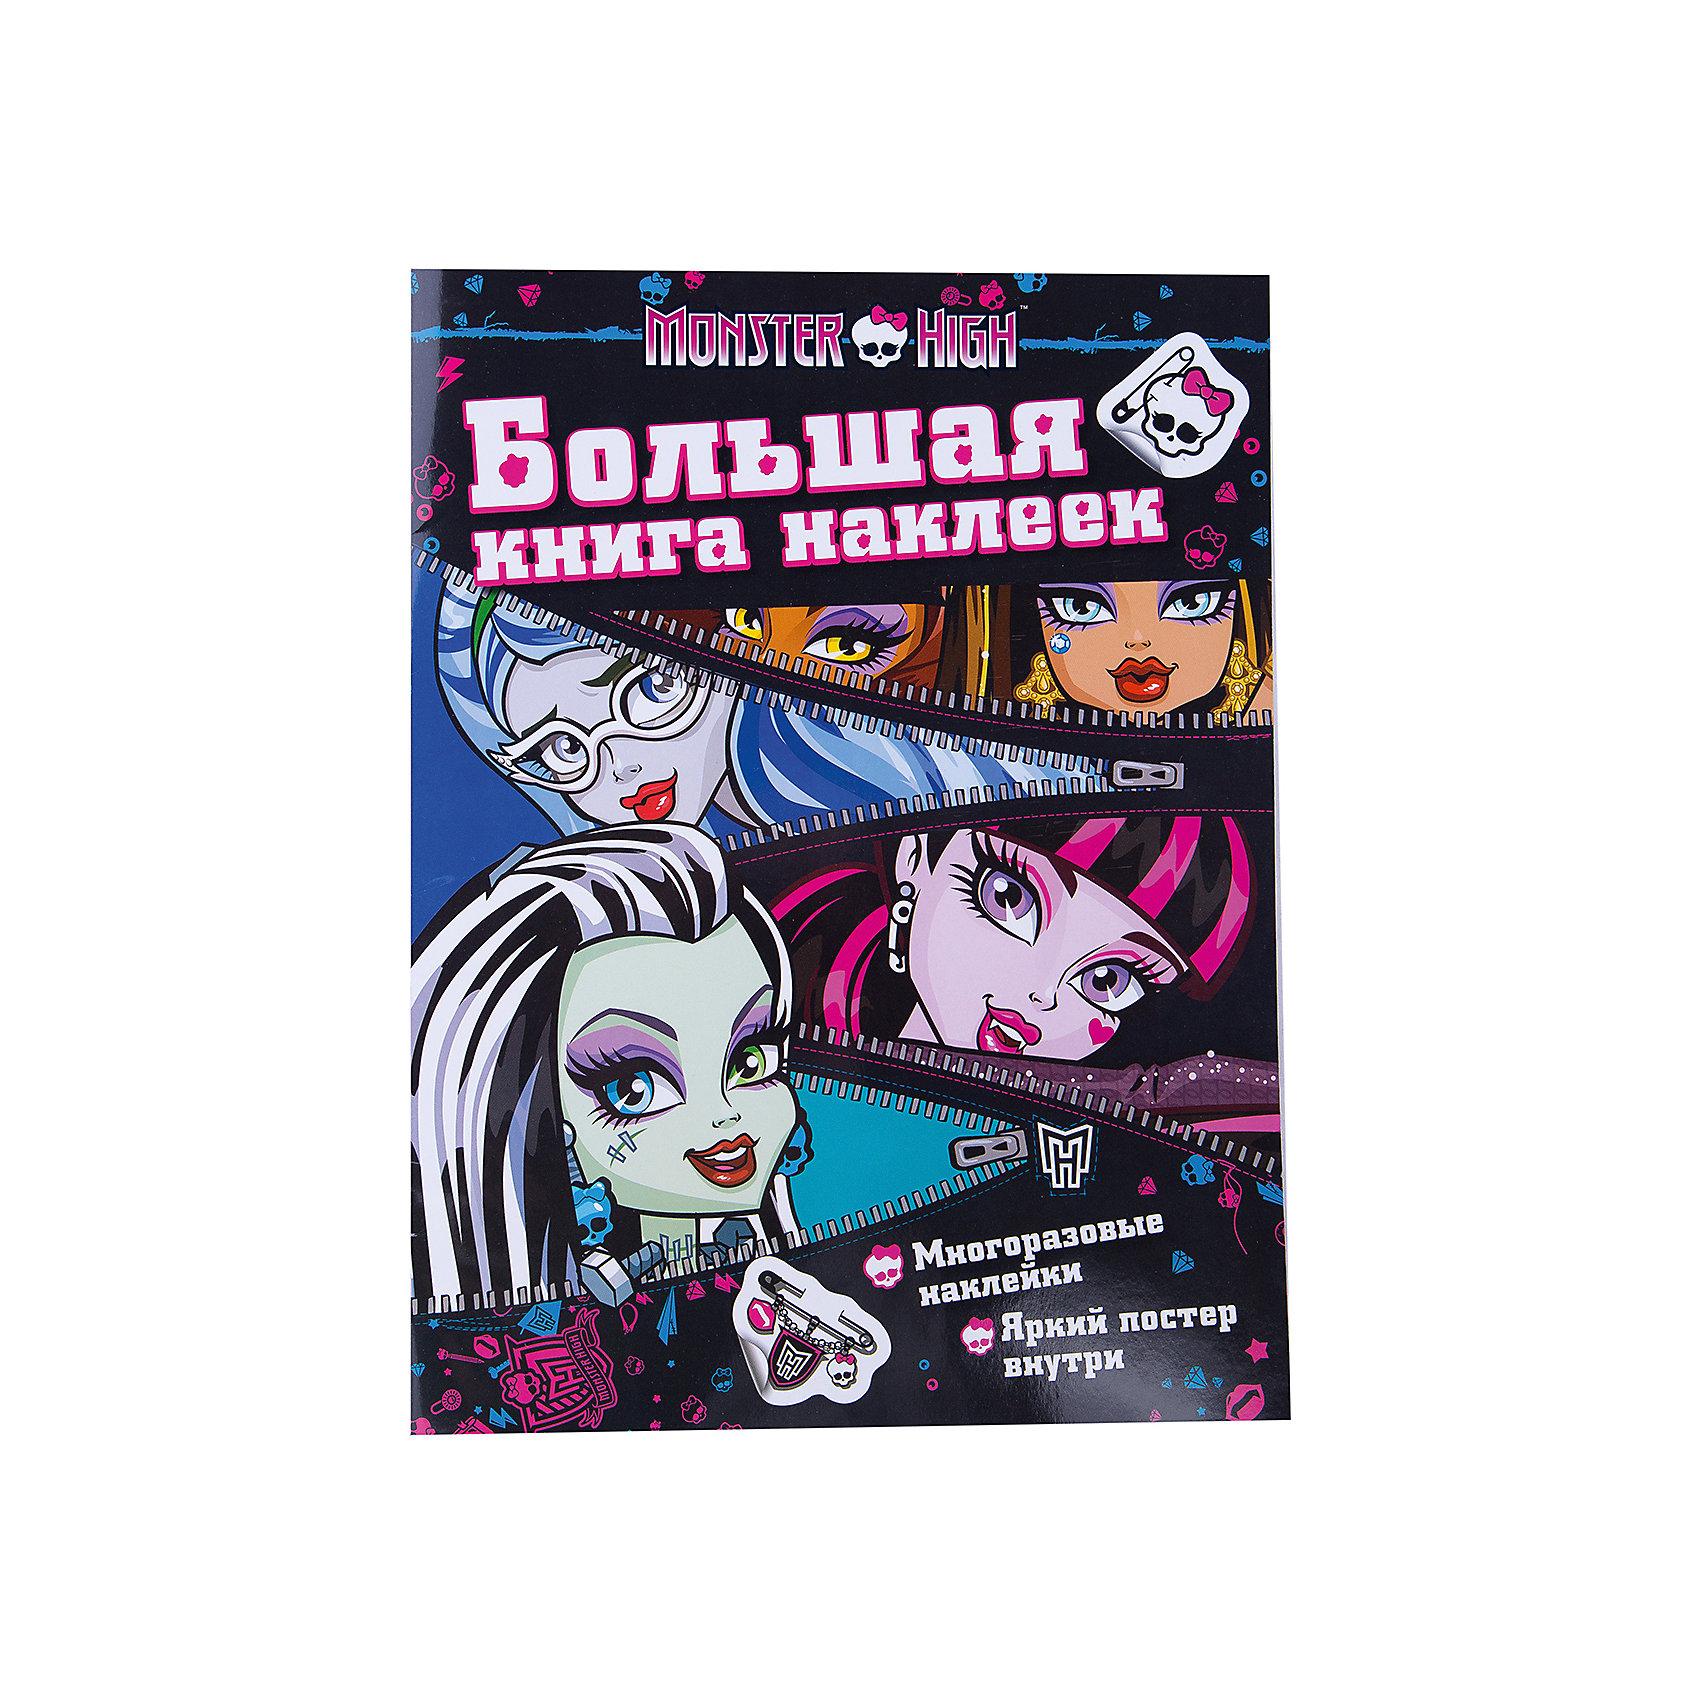 Большая книга наклеек (молния) Monster HighКнижки с наклейками<br>Характеристики товара:<br><br>- цвет: разноцветный;<br>- материал: бумага;<br>- количество страниц: 8;<br>- формат: 40 x 30 см;<br>- возраст: 0+;<br>- обложка: мягкая.<br><br>Куклы–монстры – любимицы современных девочек. Наклейки – интересный способ занять малышку. Наклейки выполнены таким образом, что не оставляют следов при использовании, поэтому подходят для украшения любых поверхностей без риска их испортить. Кроме того, в сборнике есть бонус – красочный постер, который можно повесить на стену в детской. Все материалы, использованные при производстве издания, соответствуют всем стандартам качества и безопасности. <br><br>Большую книгу наклеек (молния) Monster High от компании Росмэн можно приобрести в нашем интернет-магазине.<br><br>Ширина мм: 400<br>Глубина мм: 300<br>Высота мм: 3<br>Вес г: 151<br>Возраст от месяцев: 60<br>Возраст до месяцев: 84<br>Пол: Женский<br>Возраст: Детский<br>SKU: 5109815